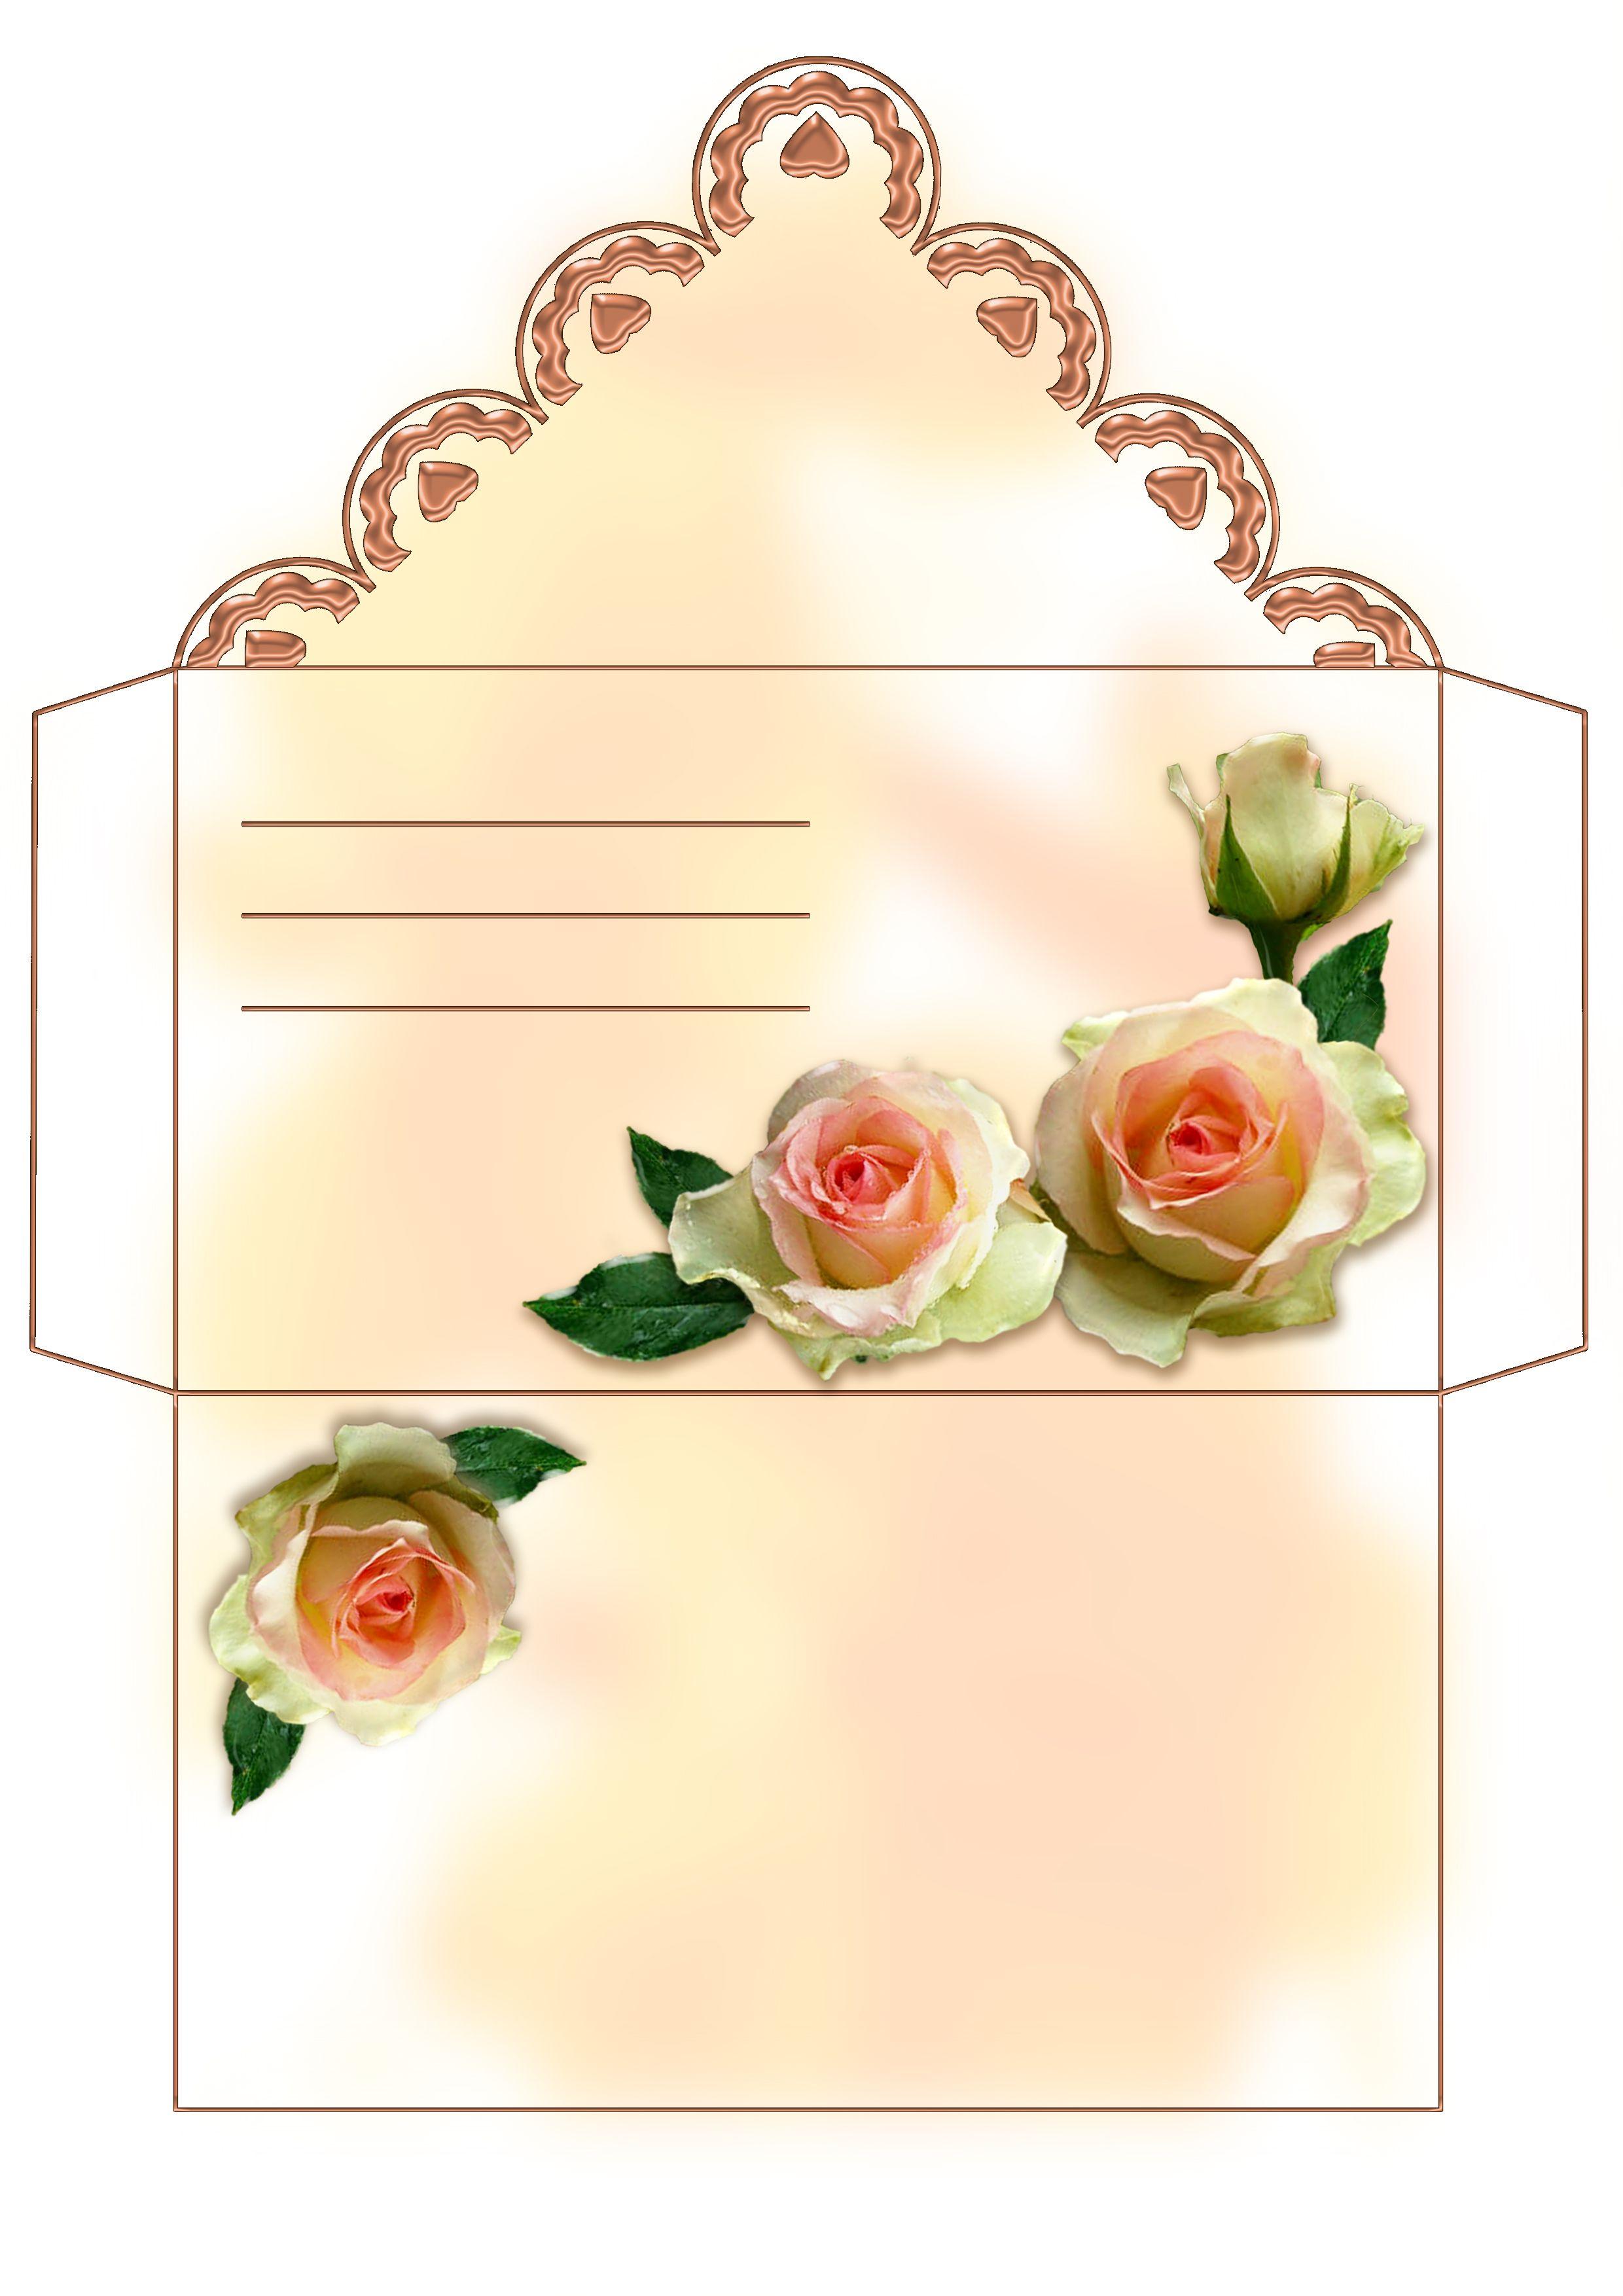 Шаблон открытки конверта с юбилеем, пожеланием